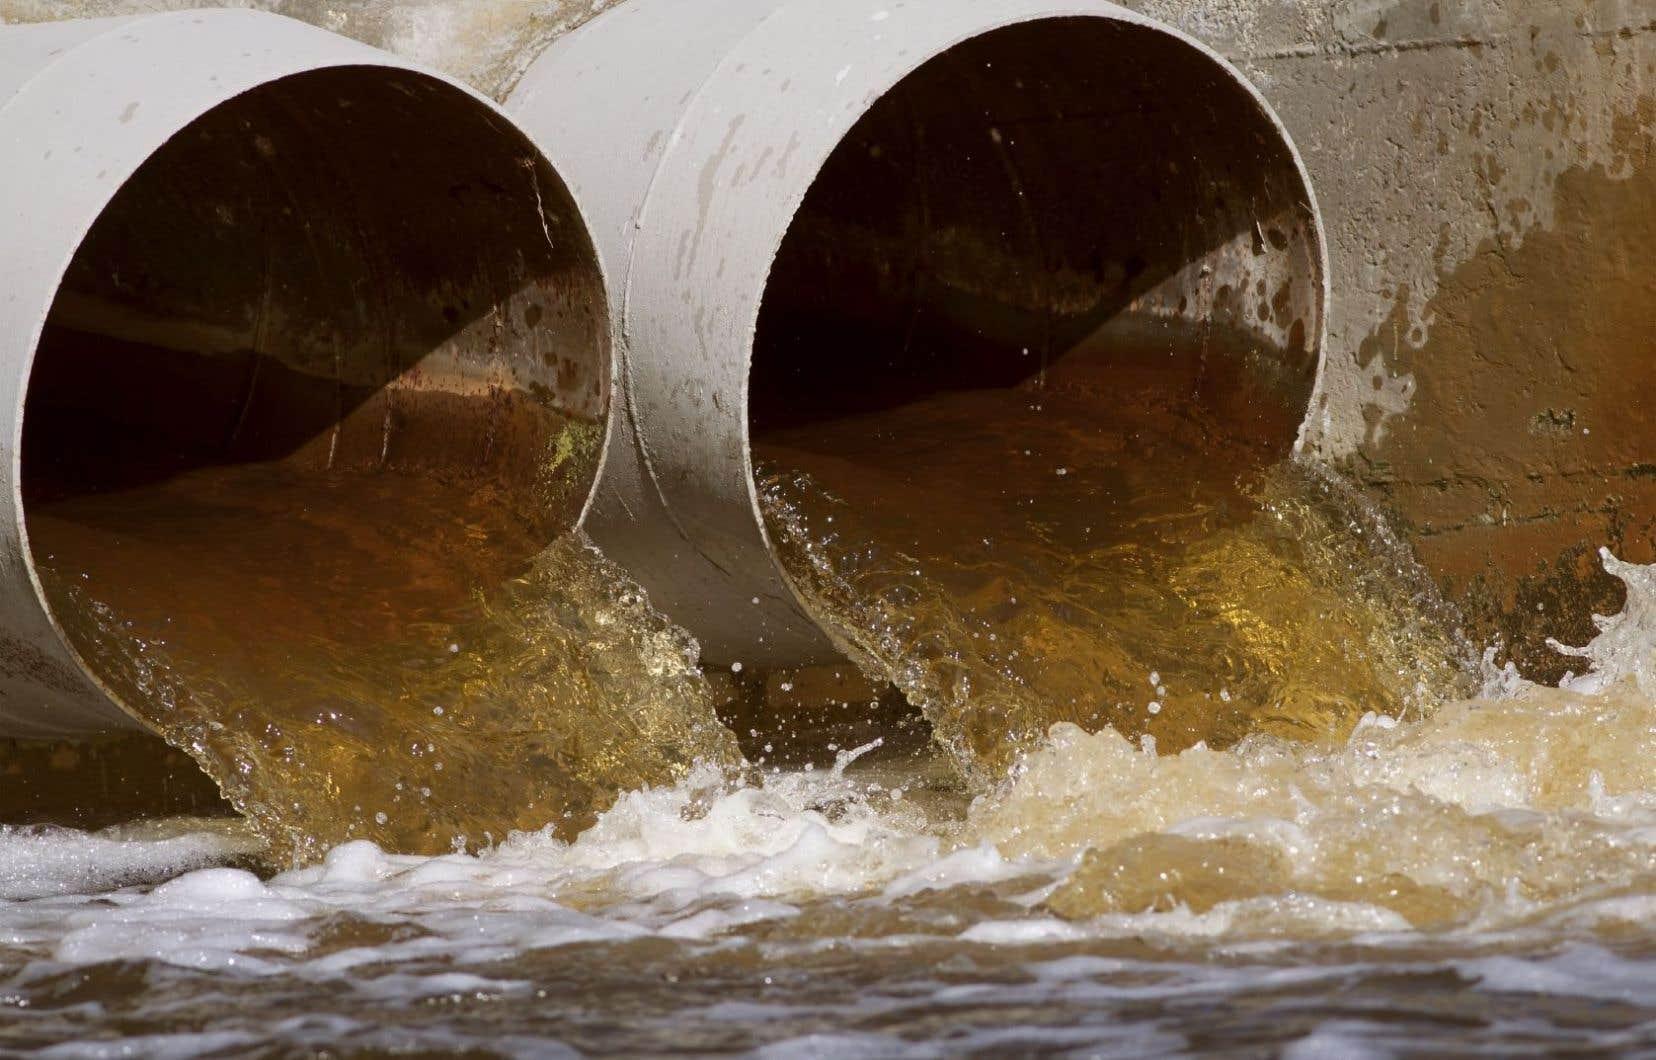 Les projets d'assainissement des eaux ont souvent été mis de côté dans le passé parce que la ville n'avait pas les moyens de se les payer.